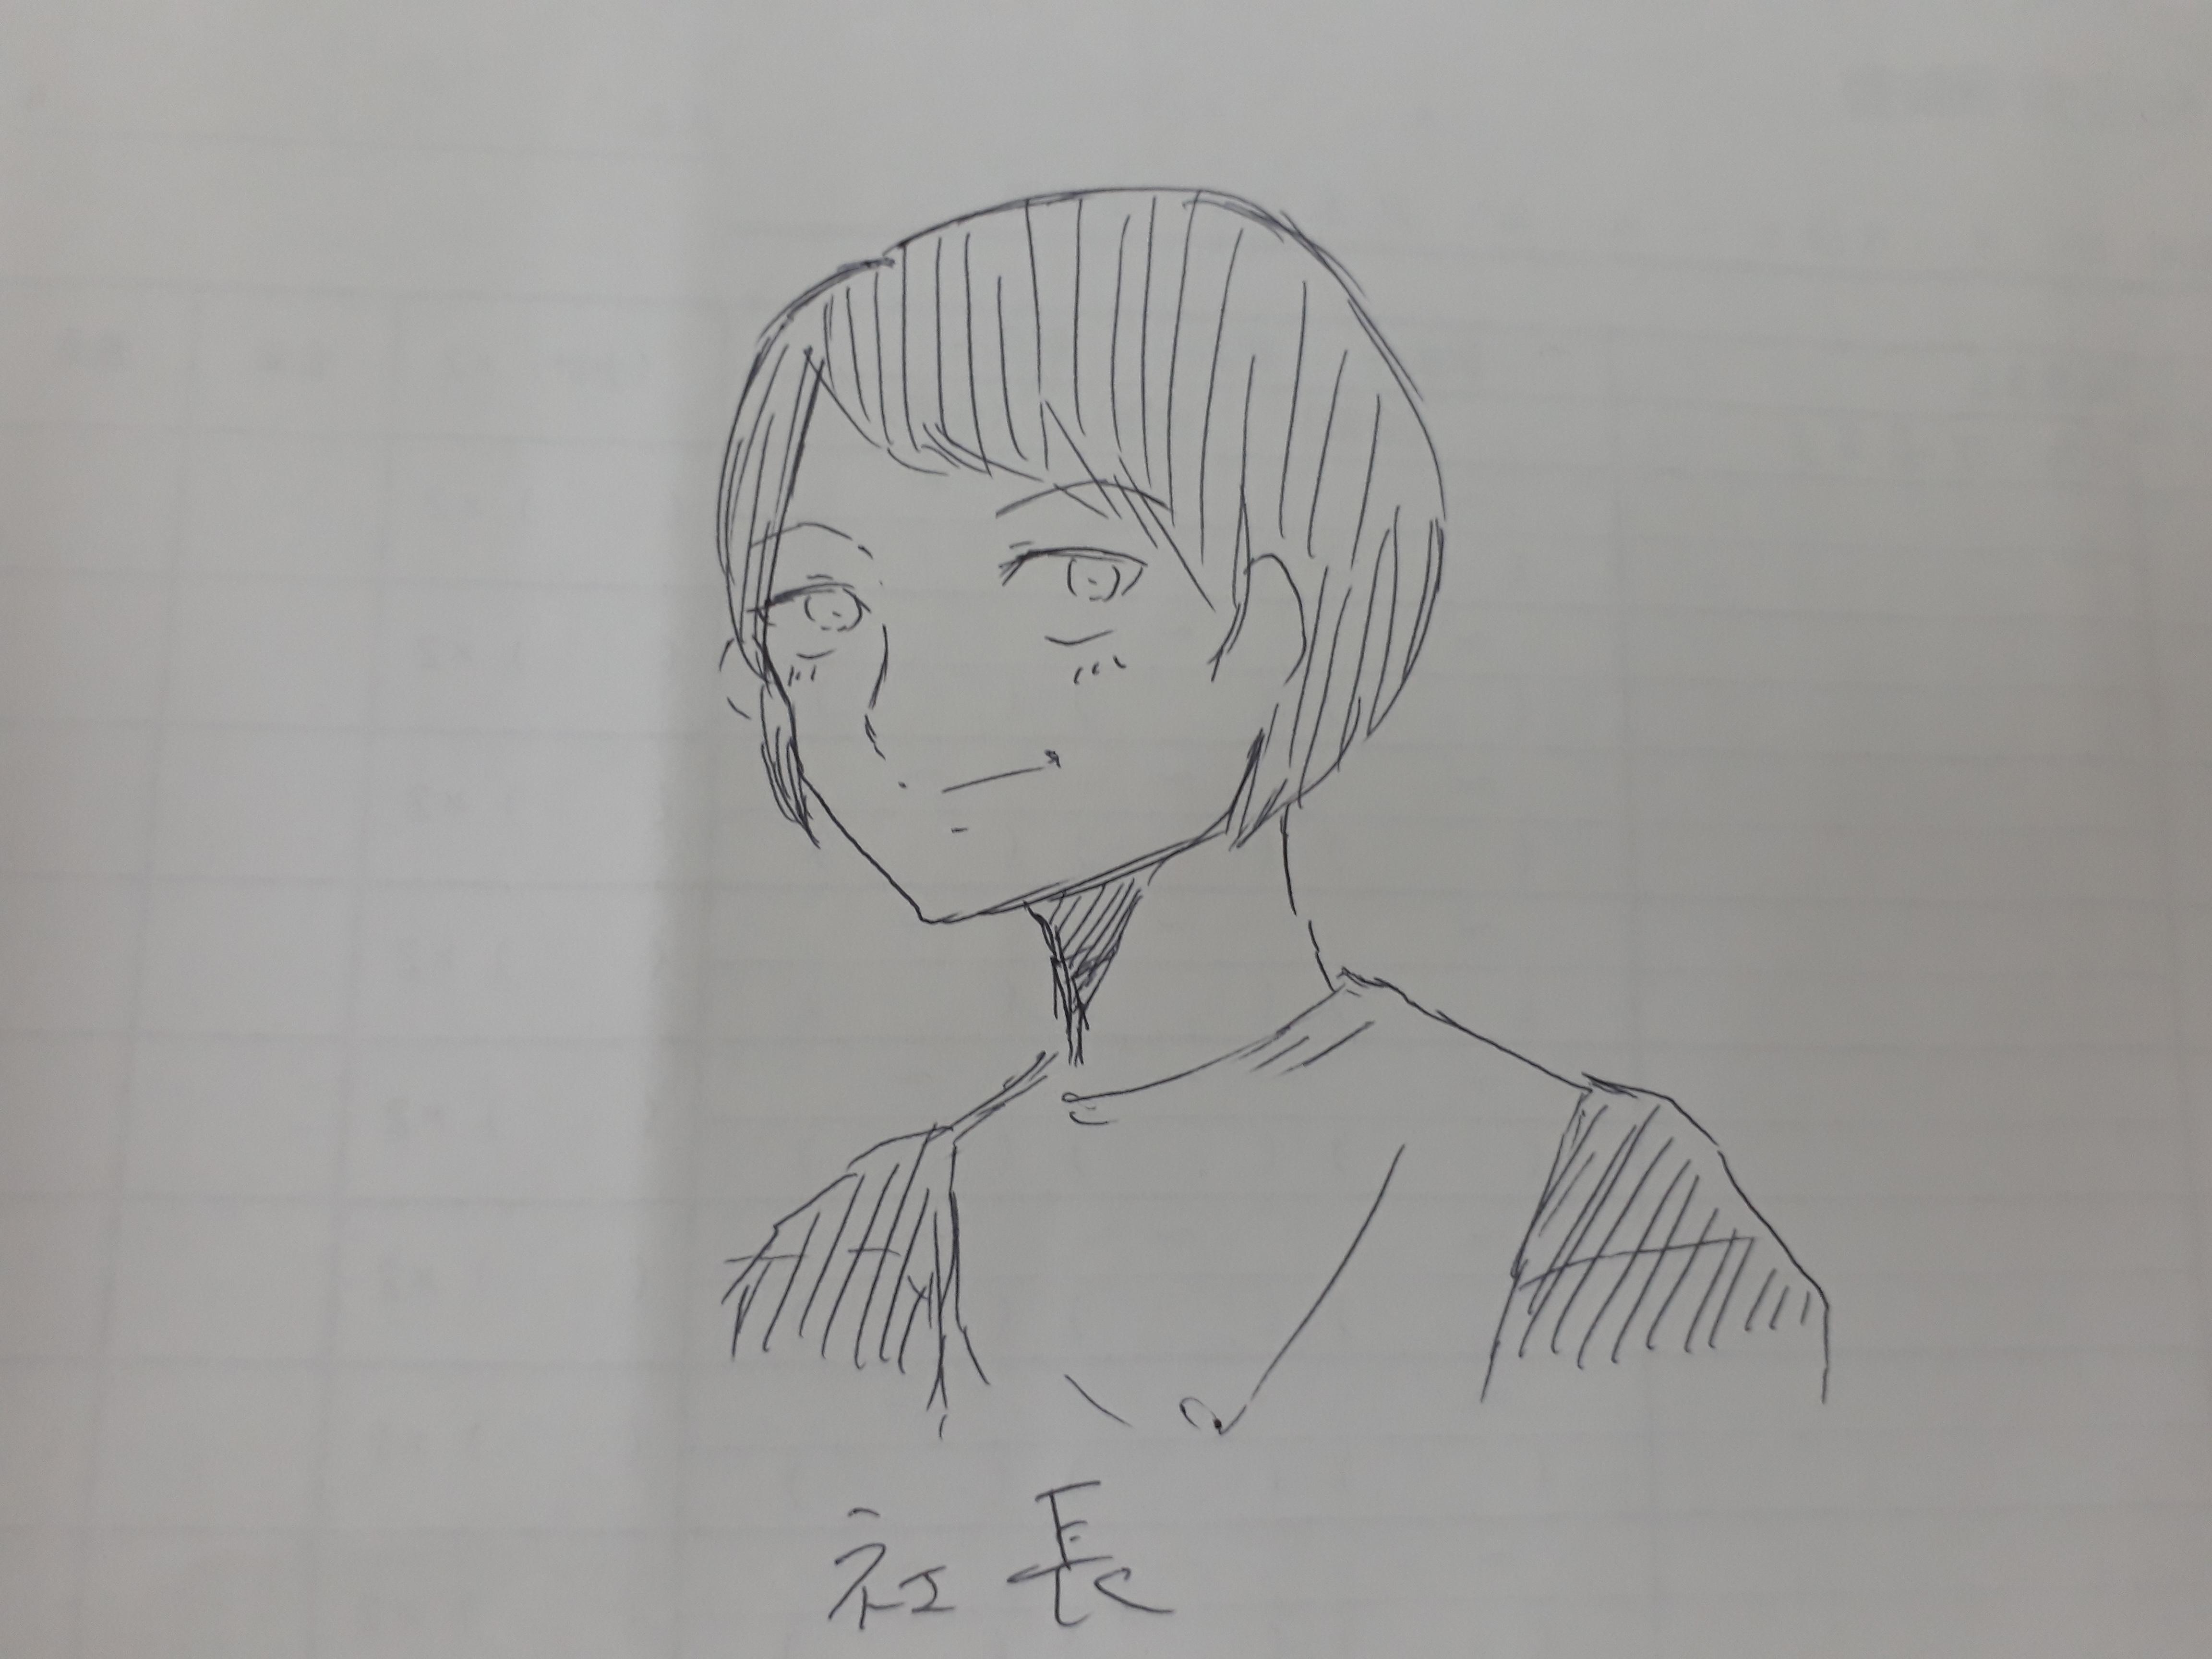 【激似!!】女子ーズYさんが似顔絵描いてくれました!!